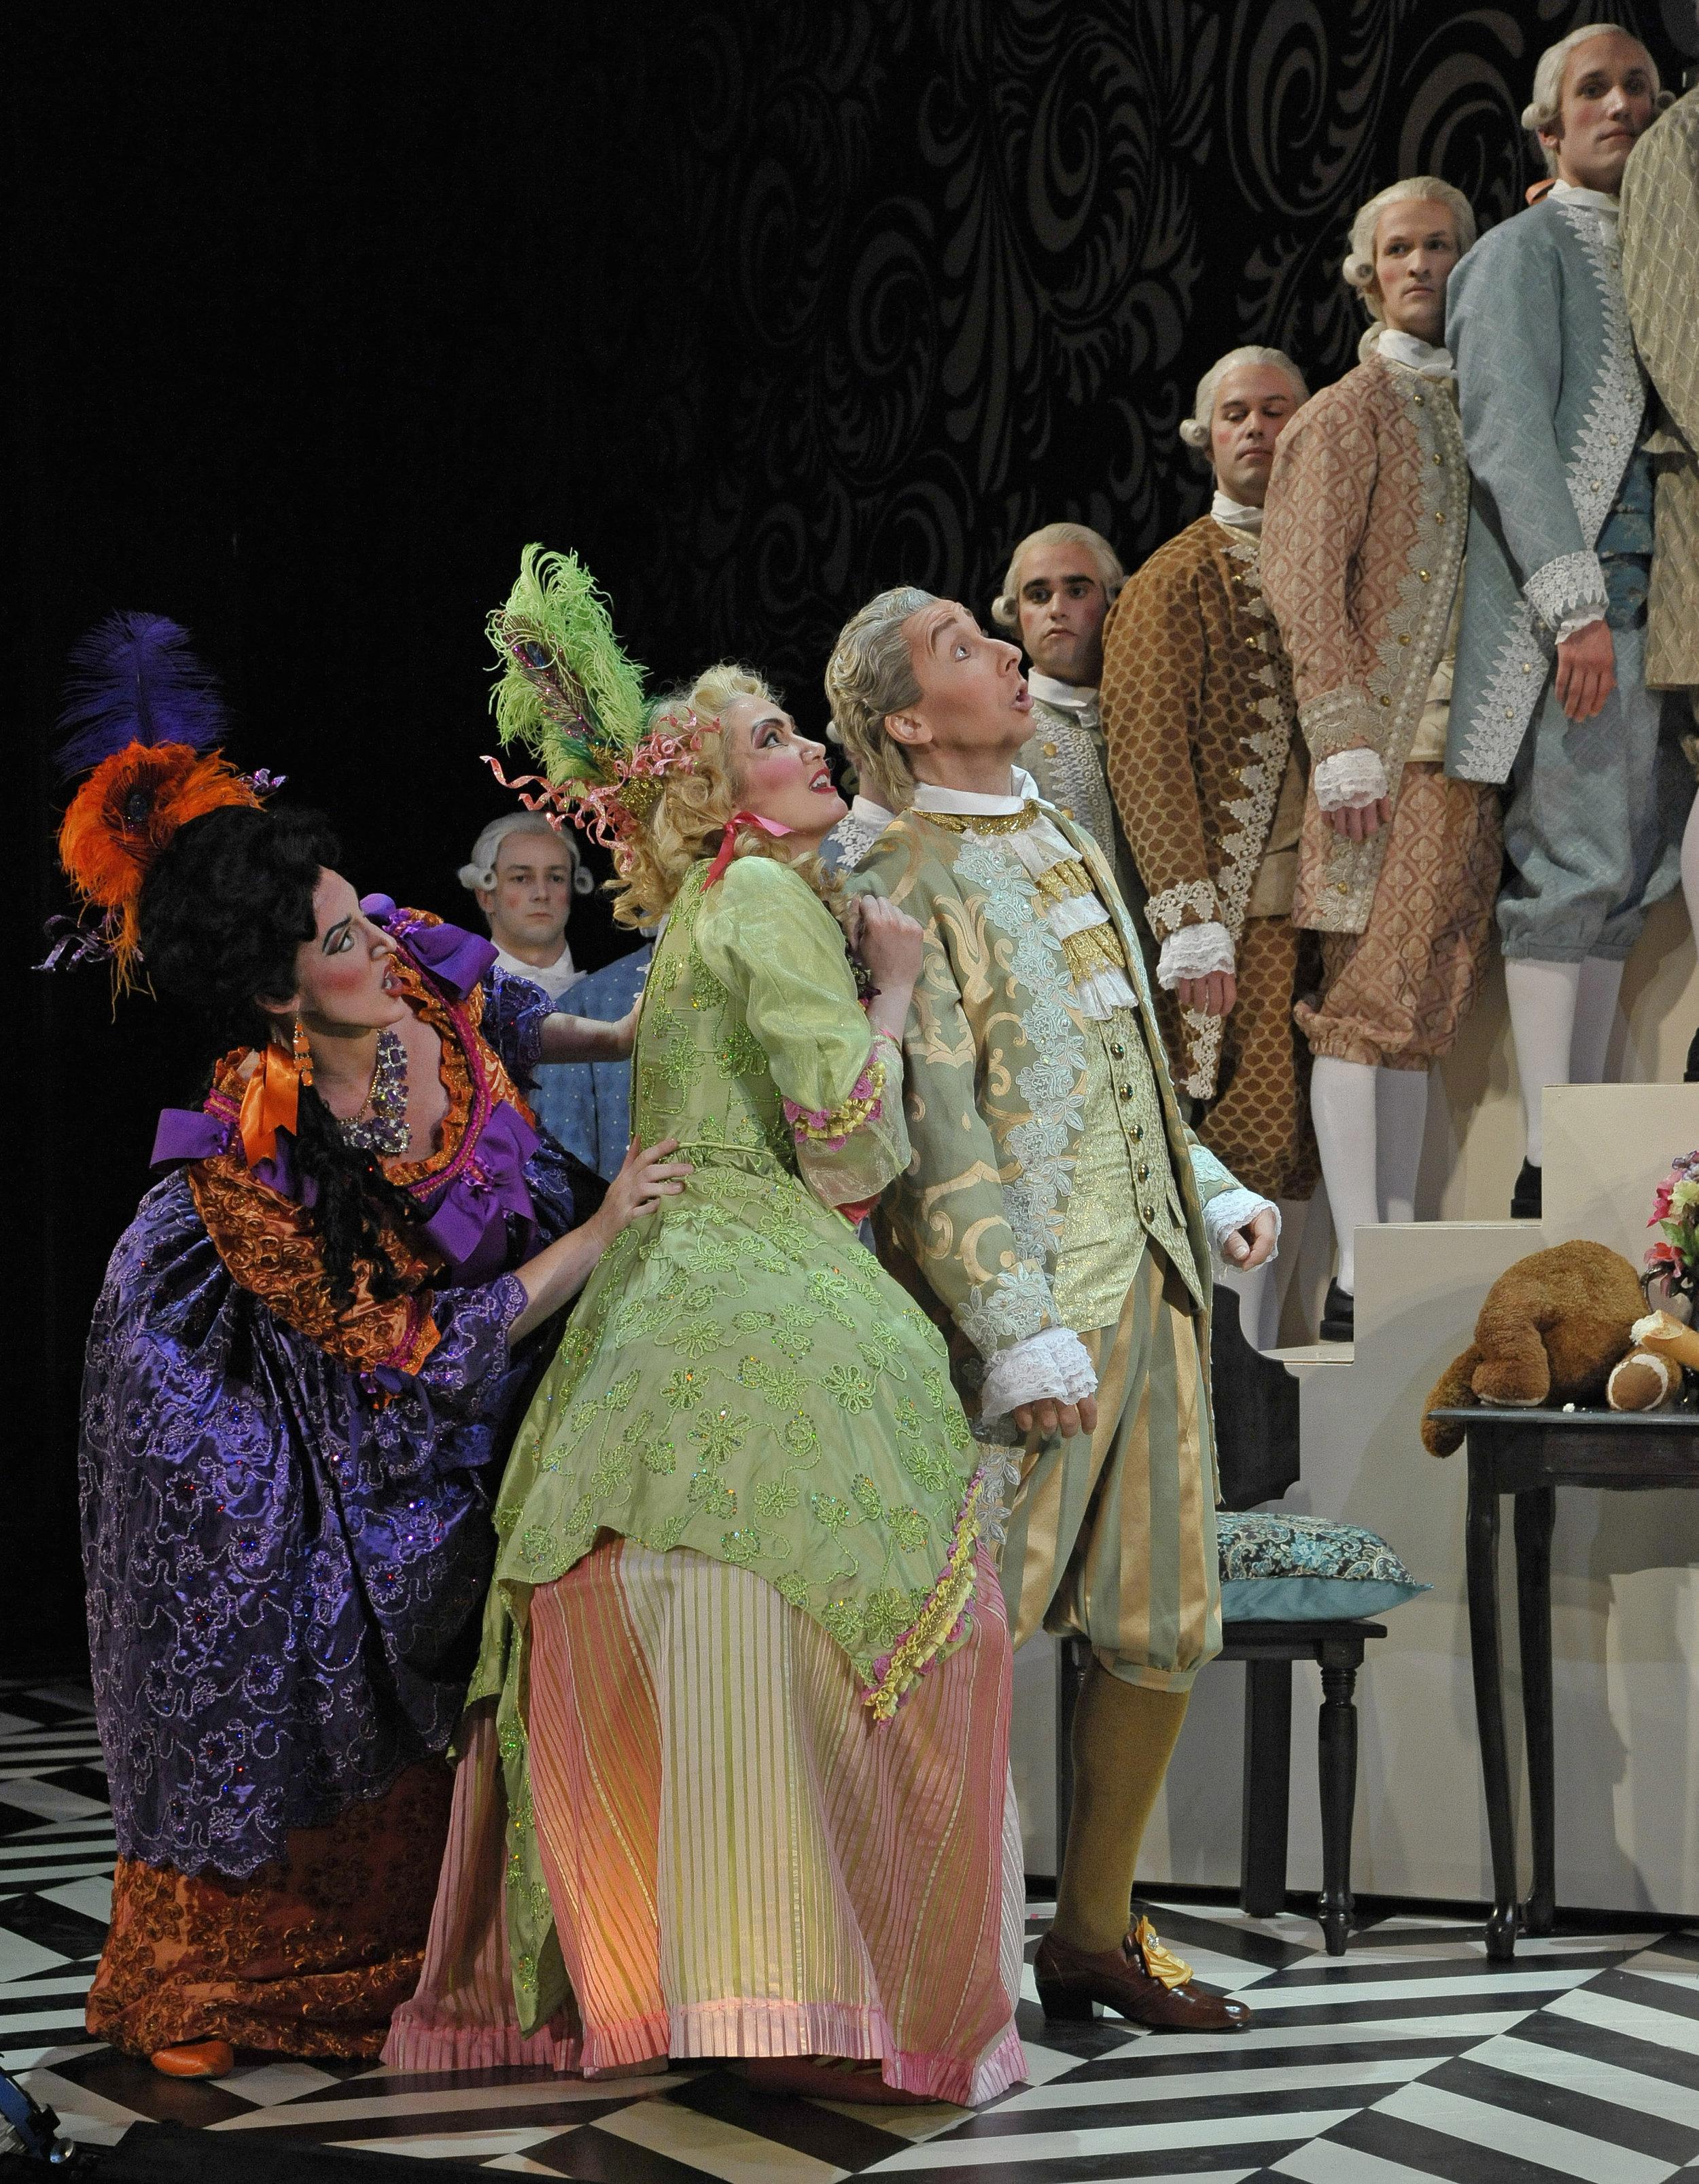 Opera_Saratoga_GG27689.jpg